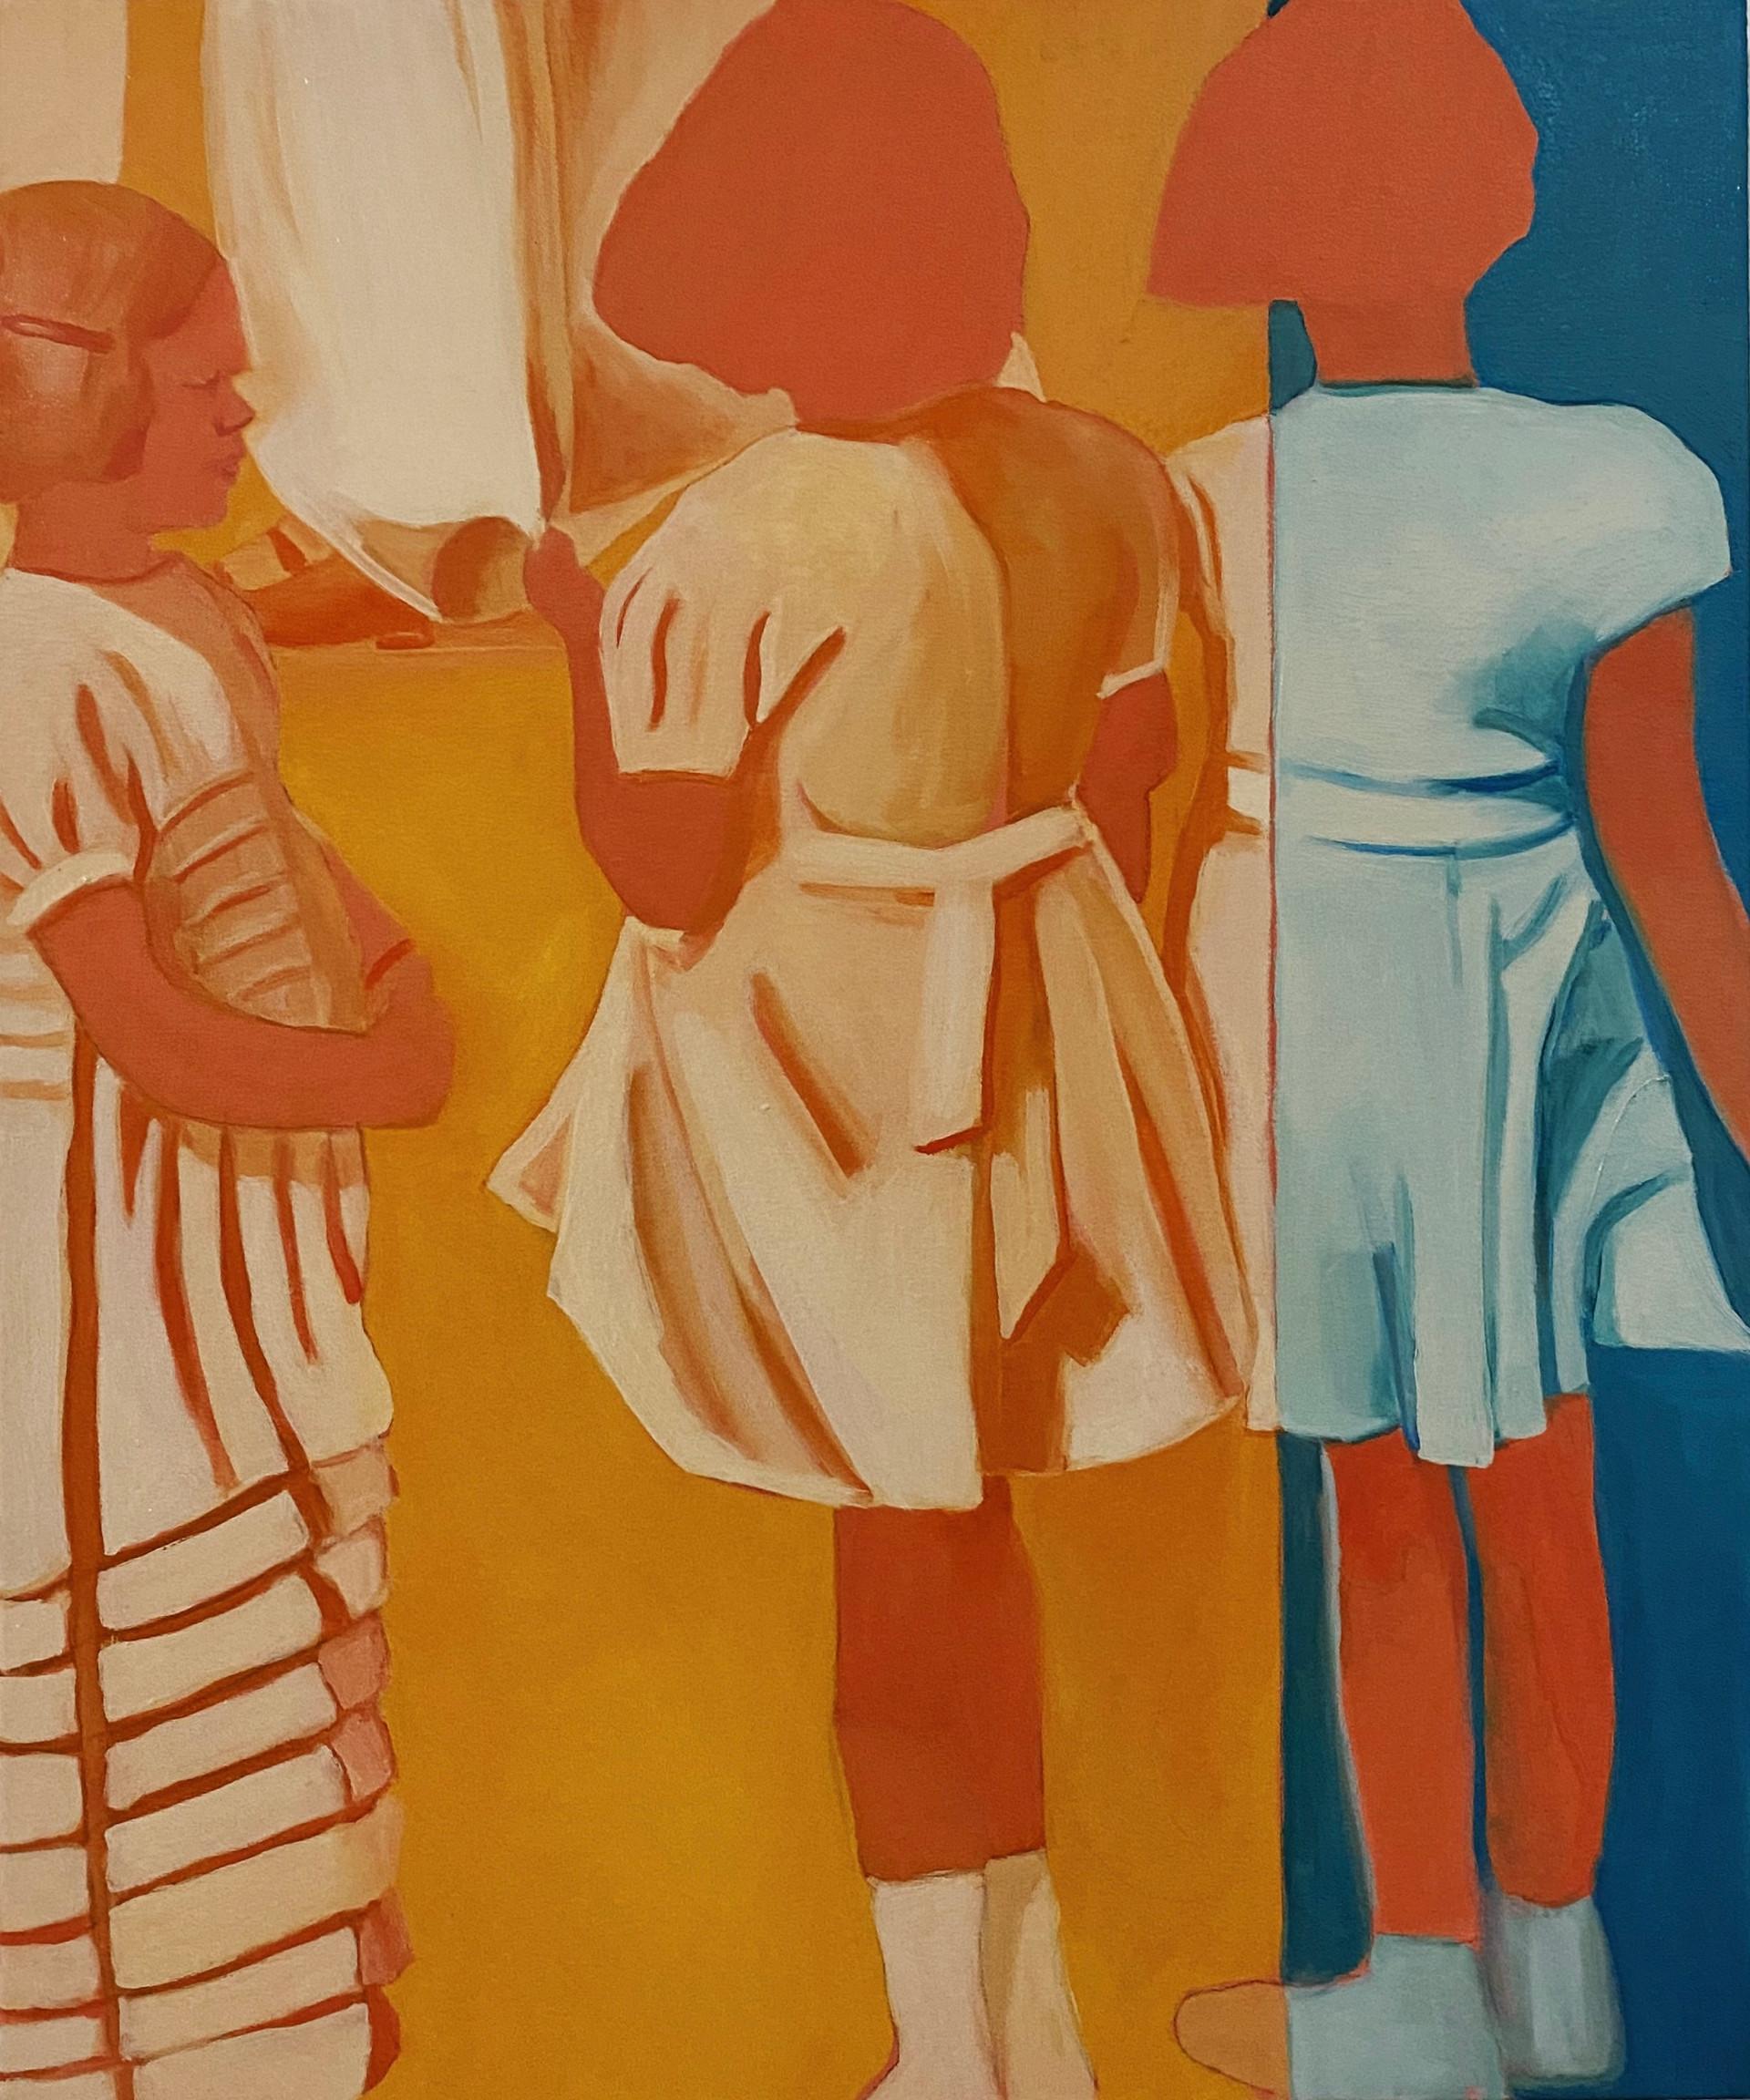 Veil, oil on canvas, 60 x 50 cm